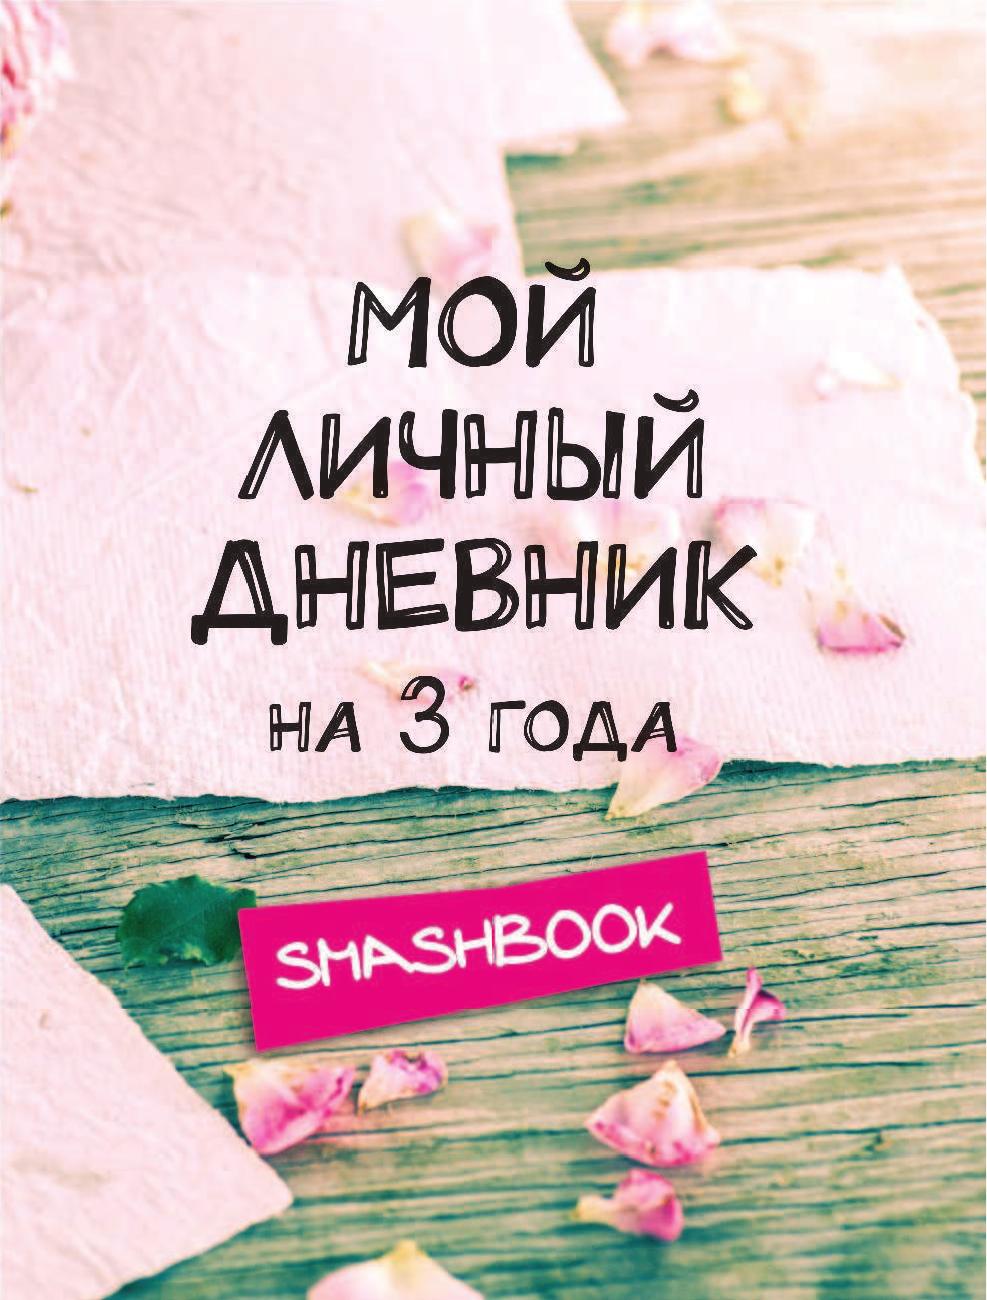 Дневники красивые картинки с надписями